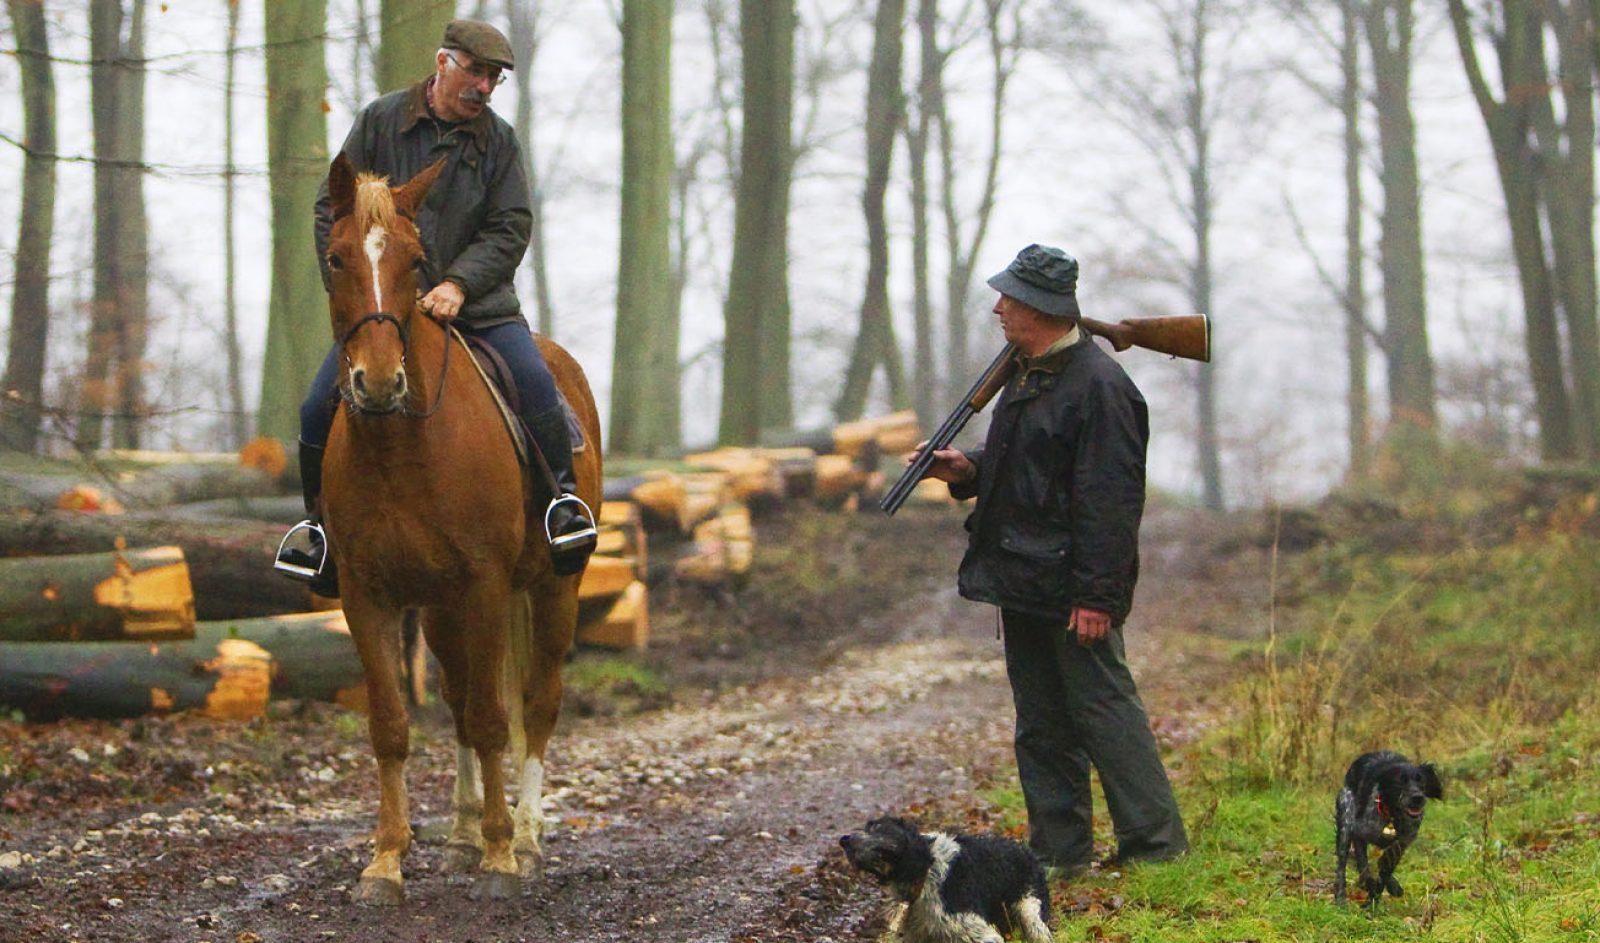 Un chasseur et un promeneur à cheval en forêt